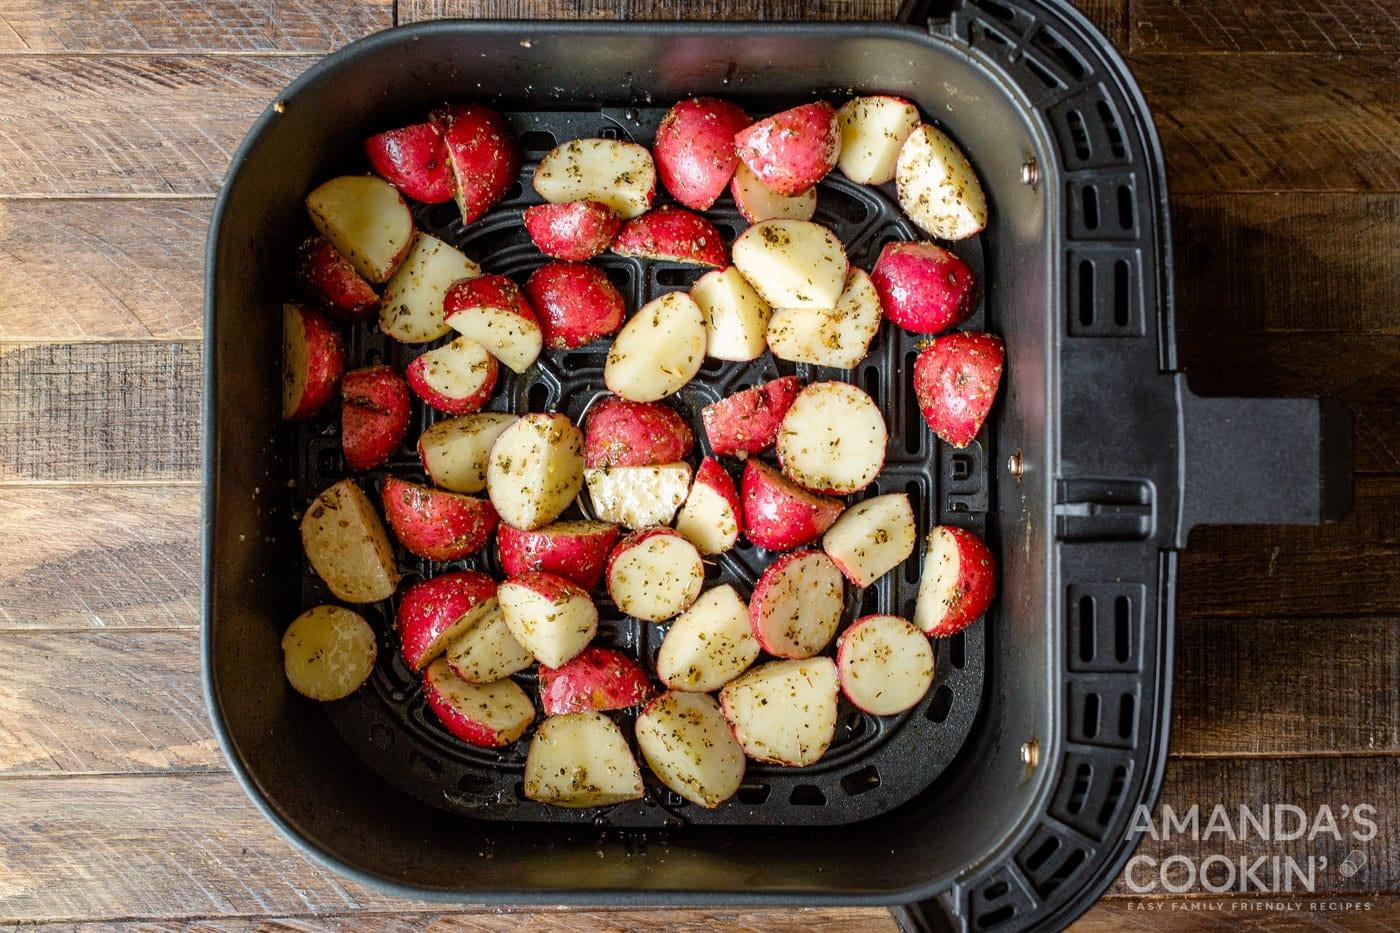 cubed potatoes in air fryer basket